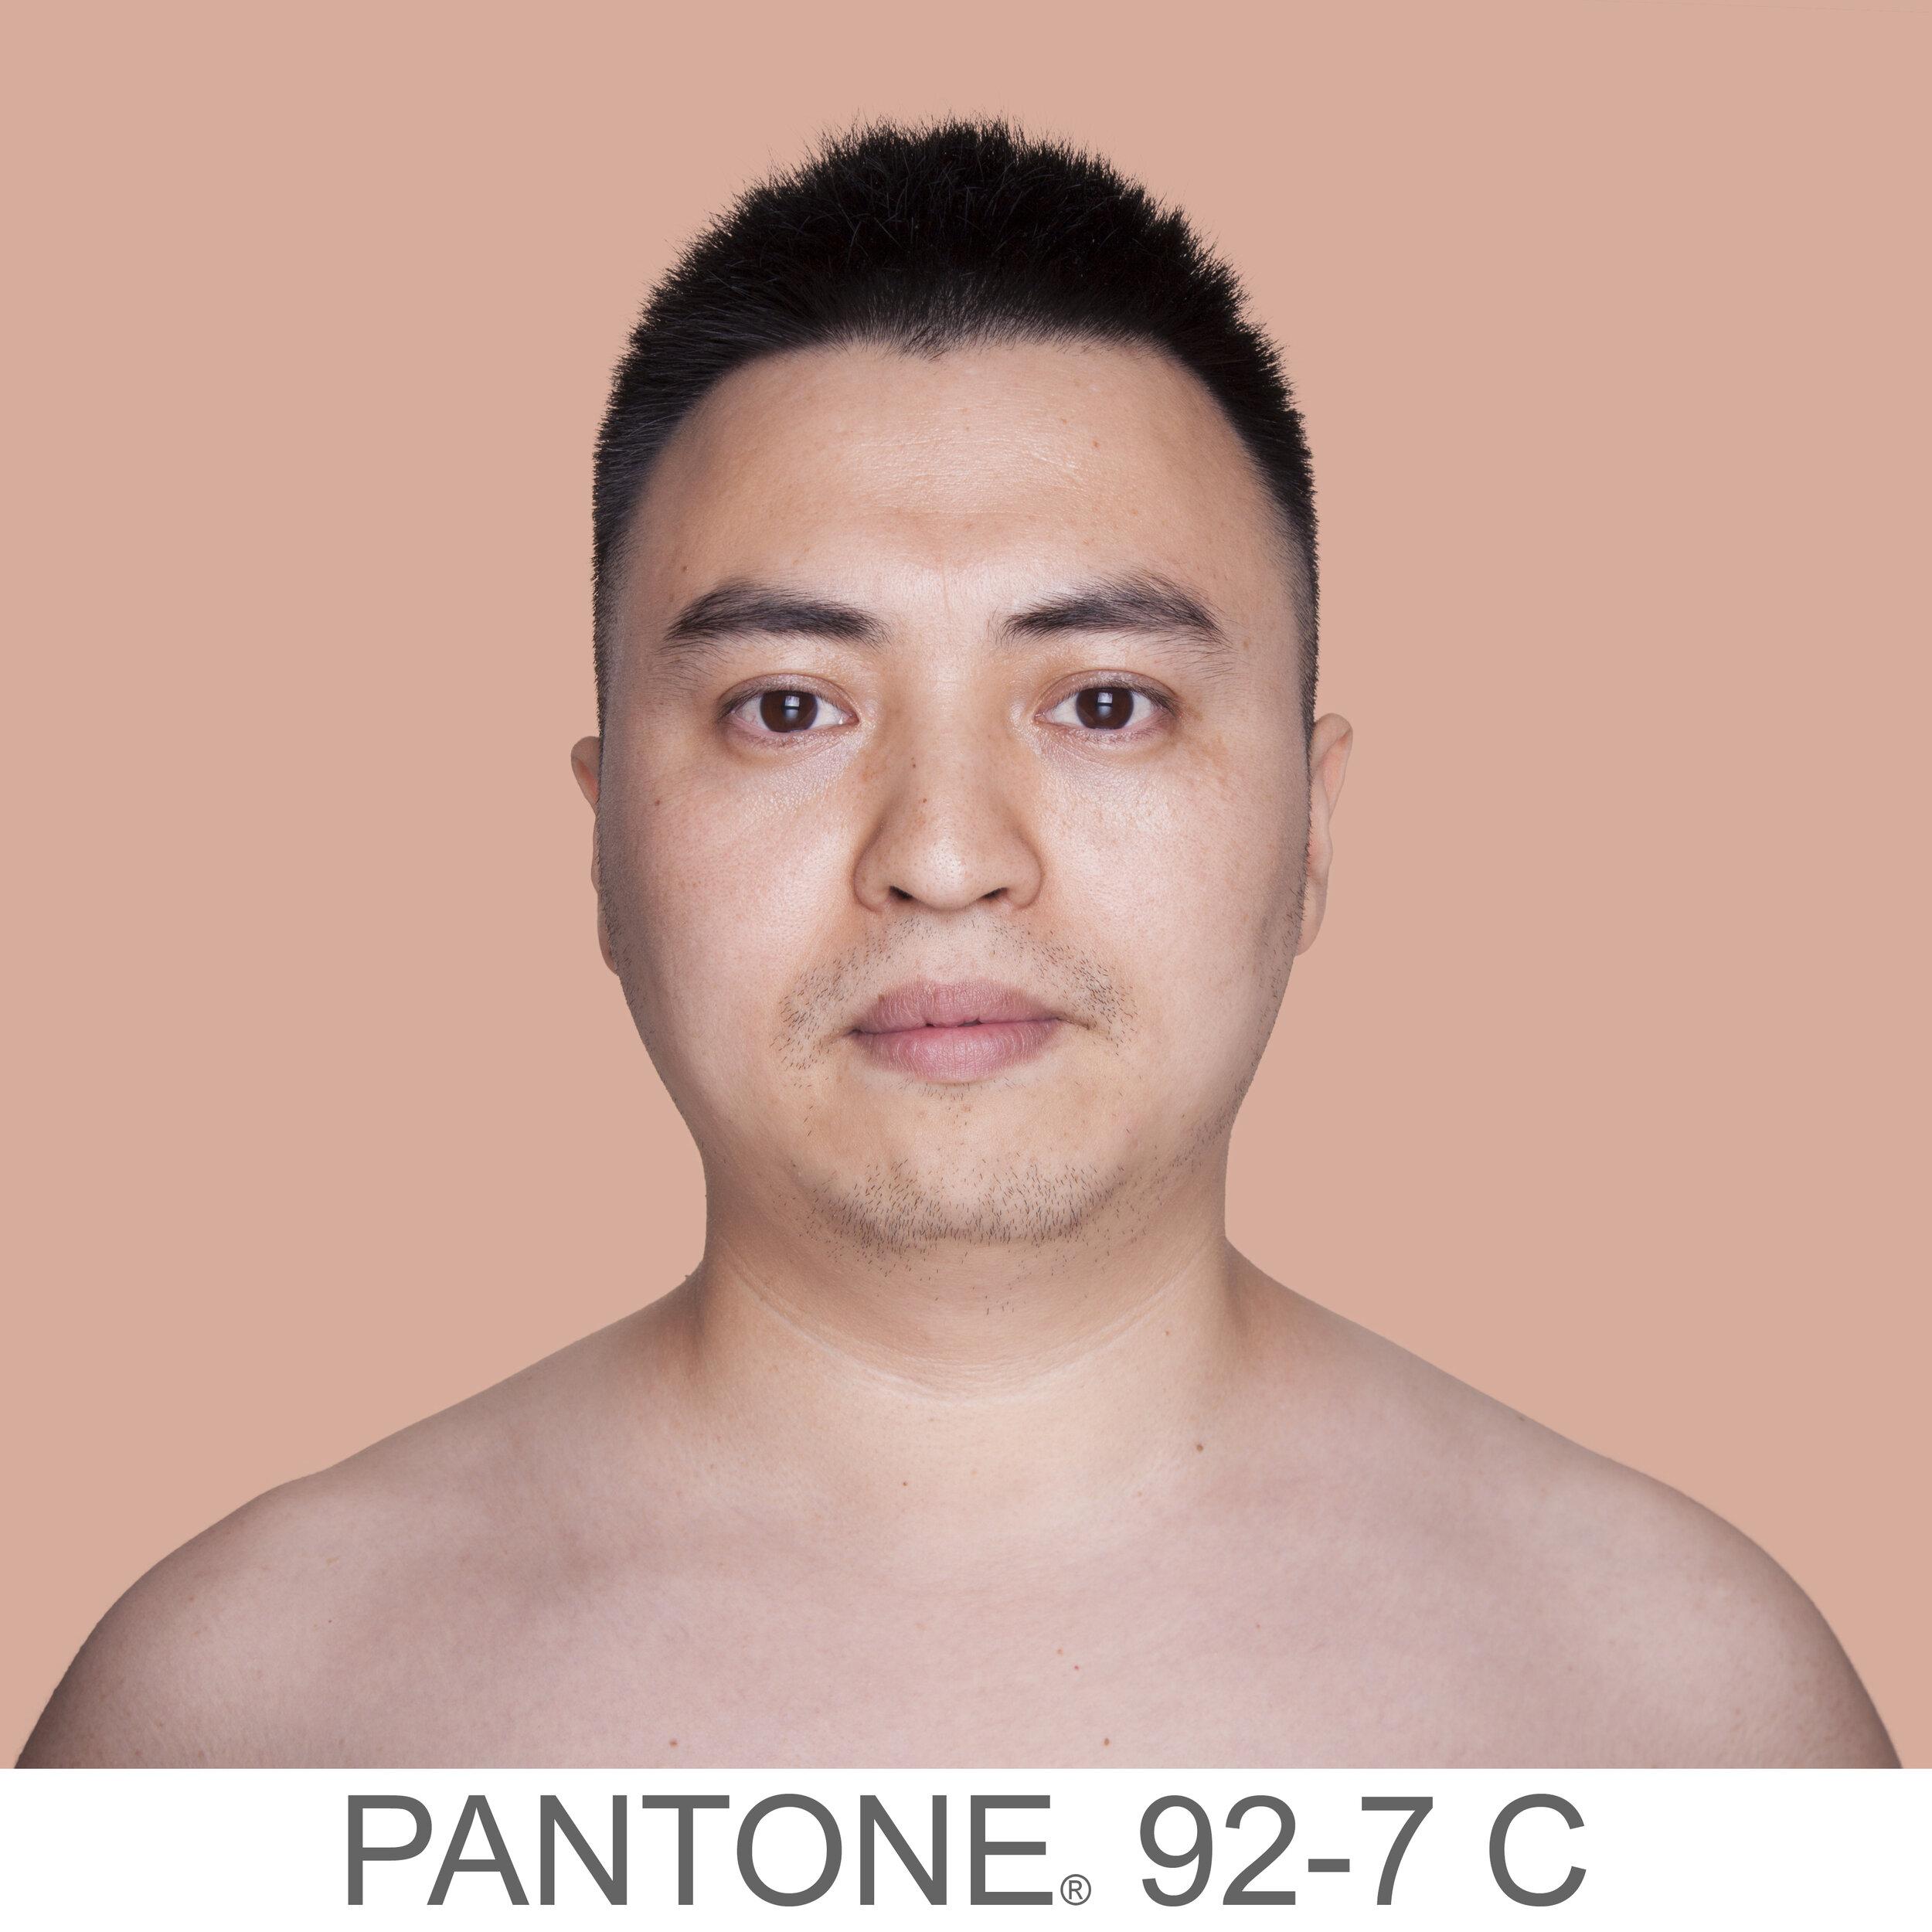 humanae 92-7 C CN copia.jpg